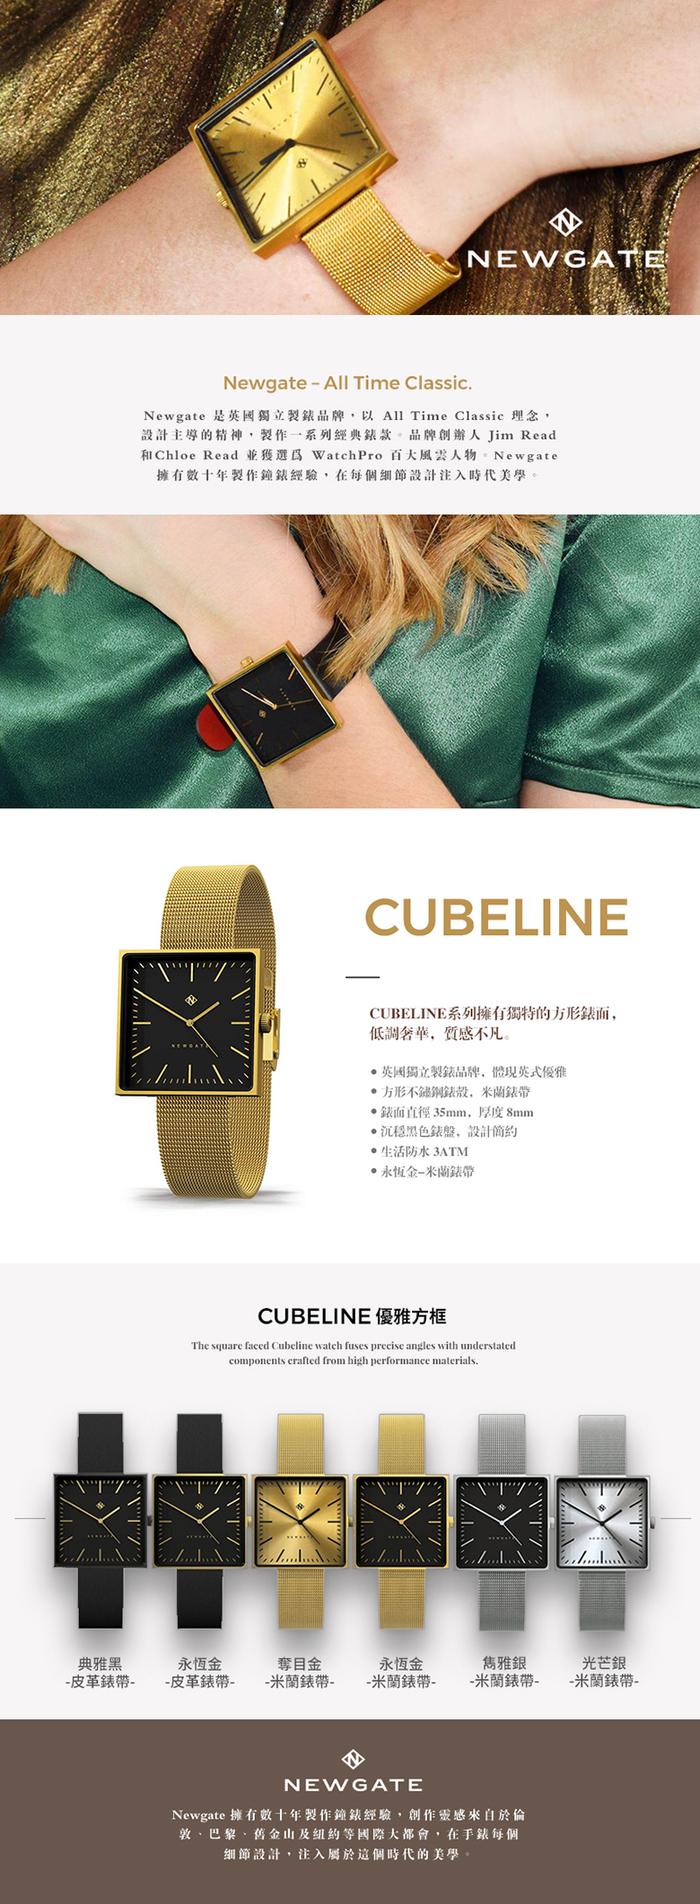 (複製)Newgate | CUBELINE-奪目金-不鏽鋼米蘭帶-35mm